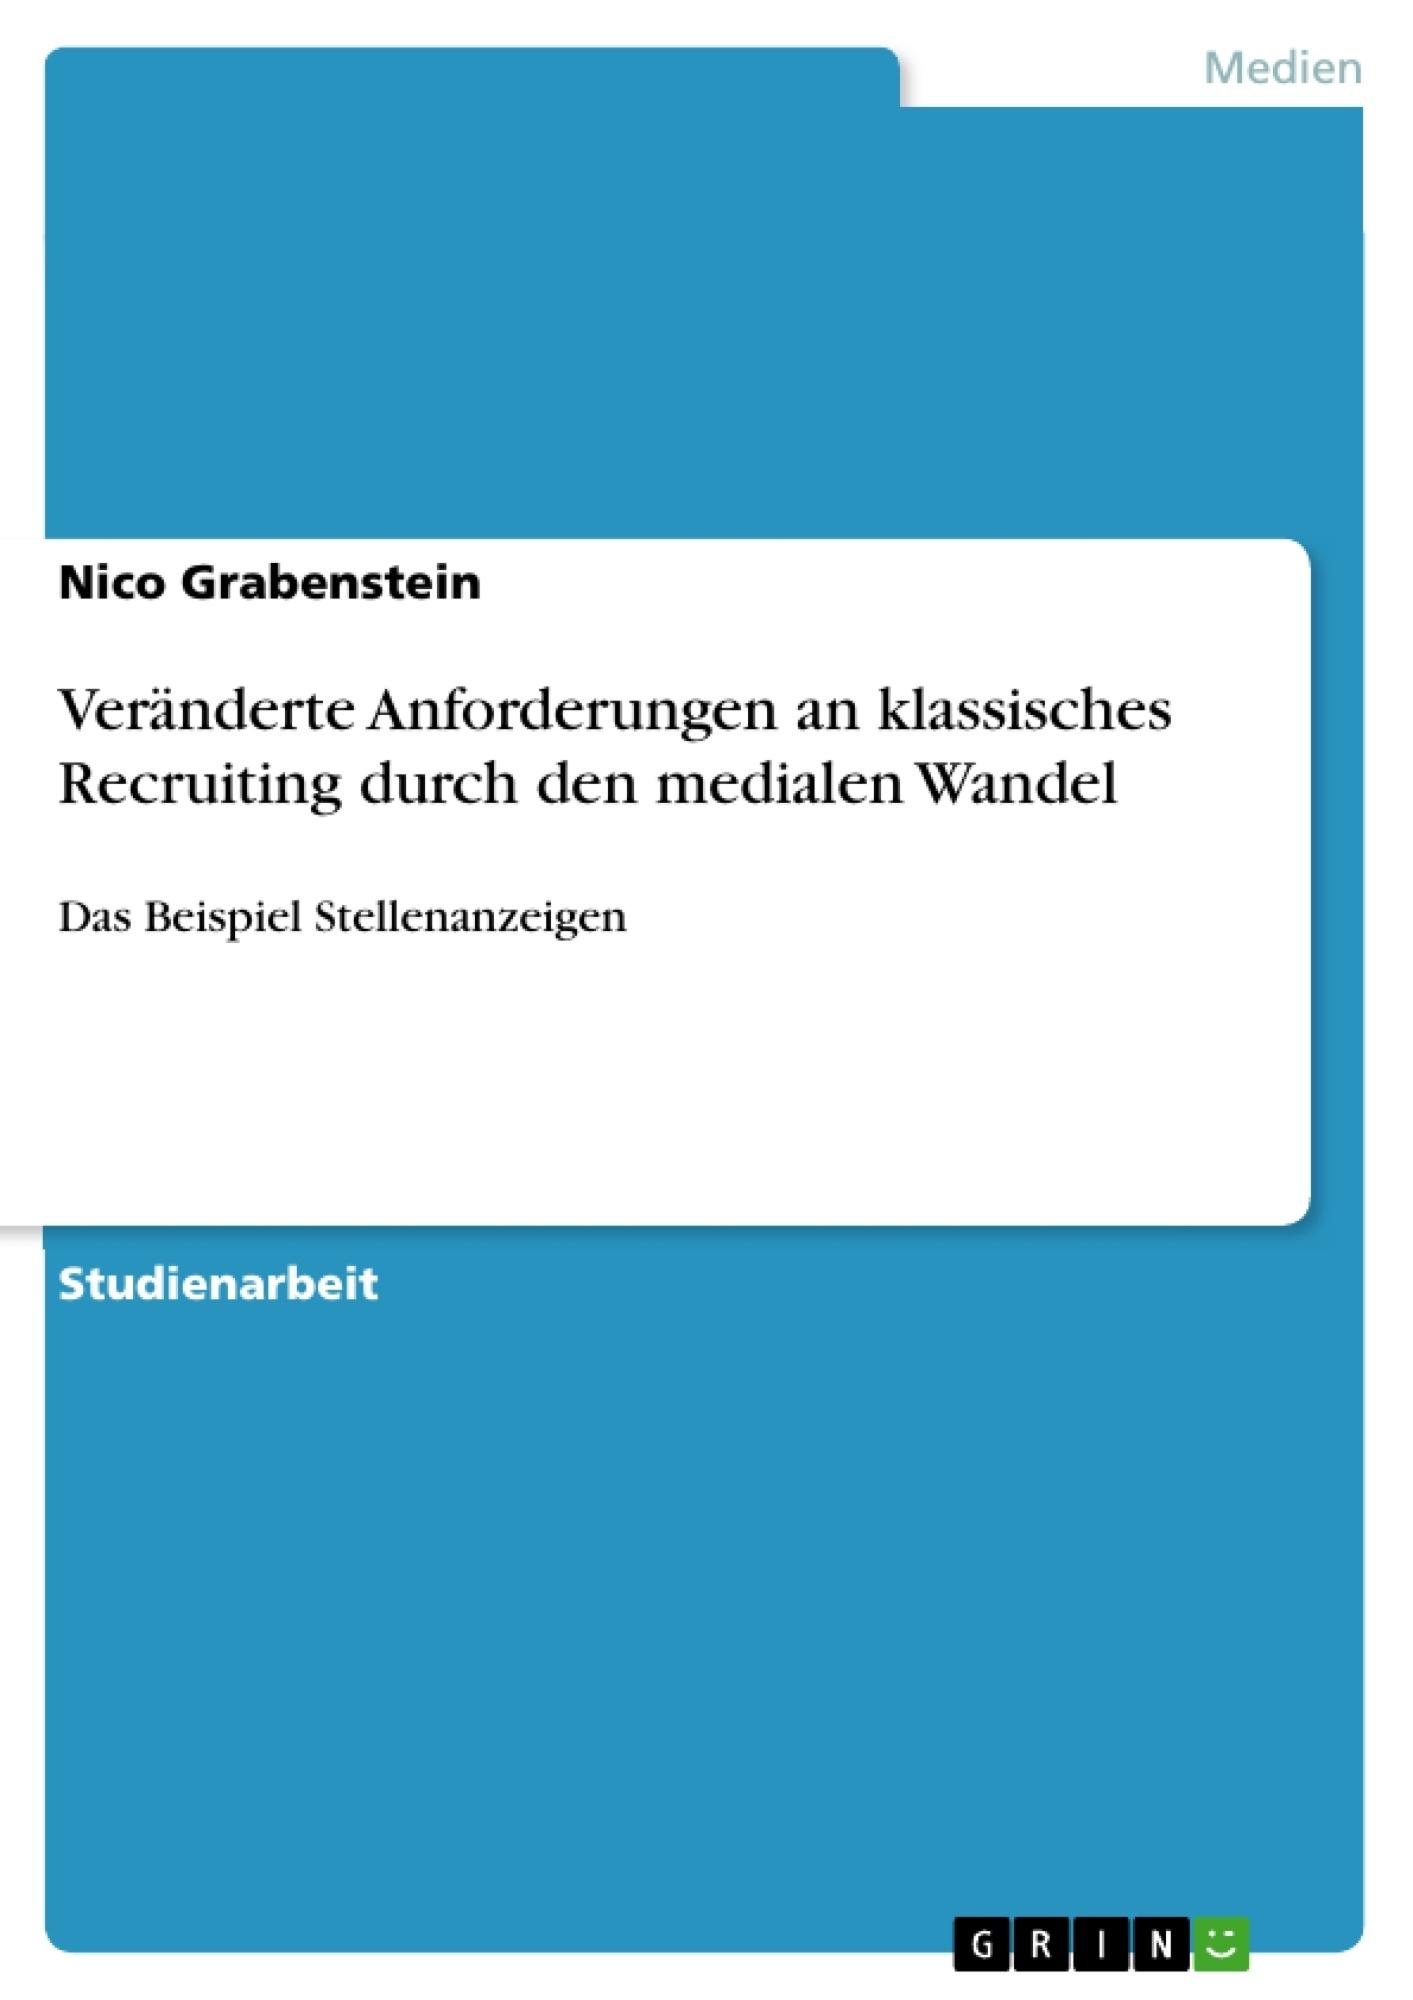 Titel: Veränderte Anforderungen an klassisches Recruiting durch den medialen Wandel